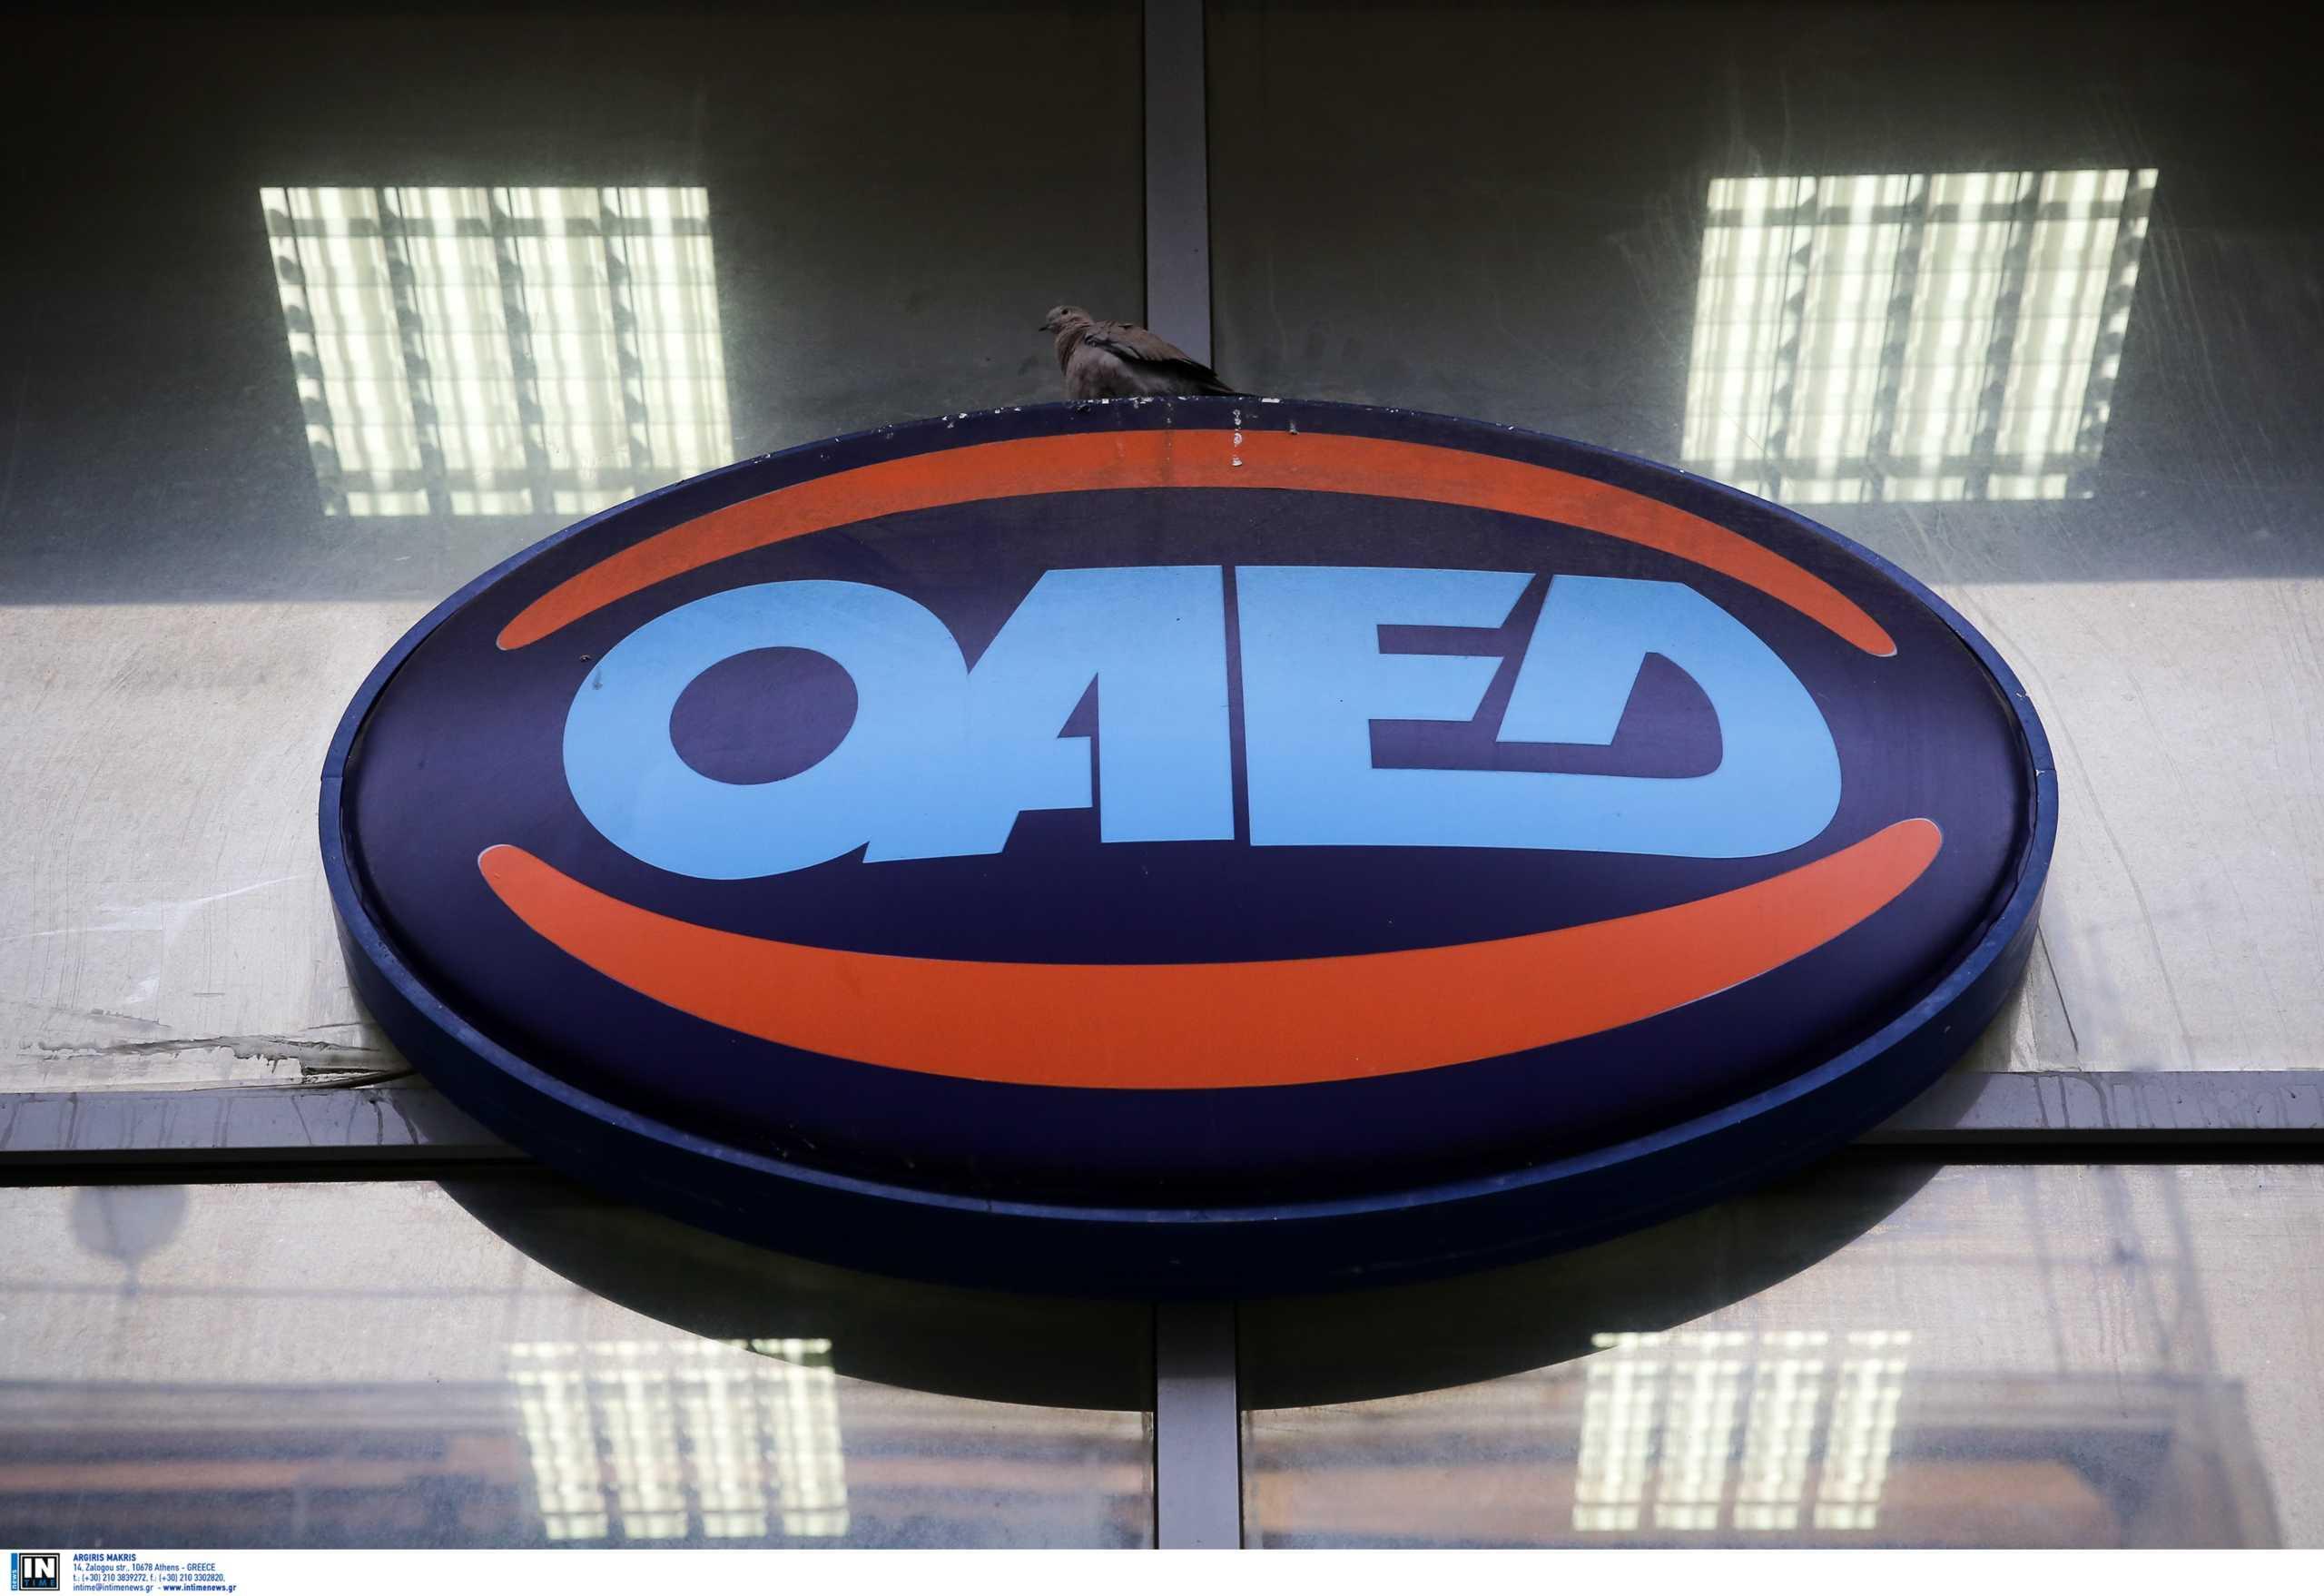 ΟΑΕΔ: Έως 23/12 οι αιτήσεις για την έκτακτη αποζημίωση εργαζομένων σε τουρισμό και επισιτισμό